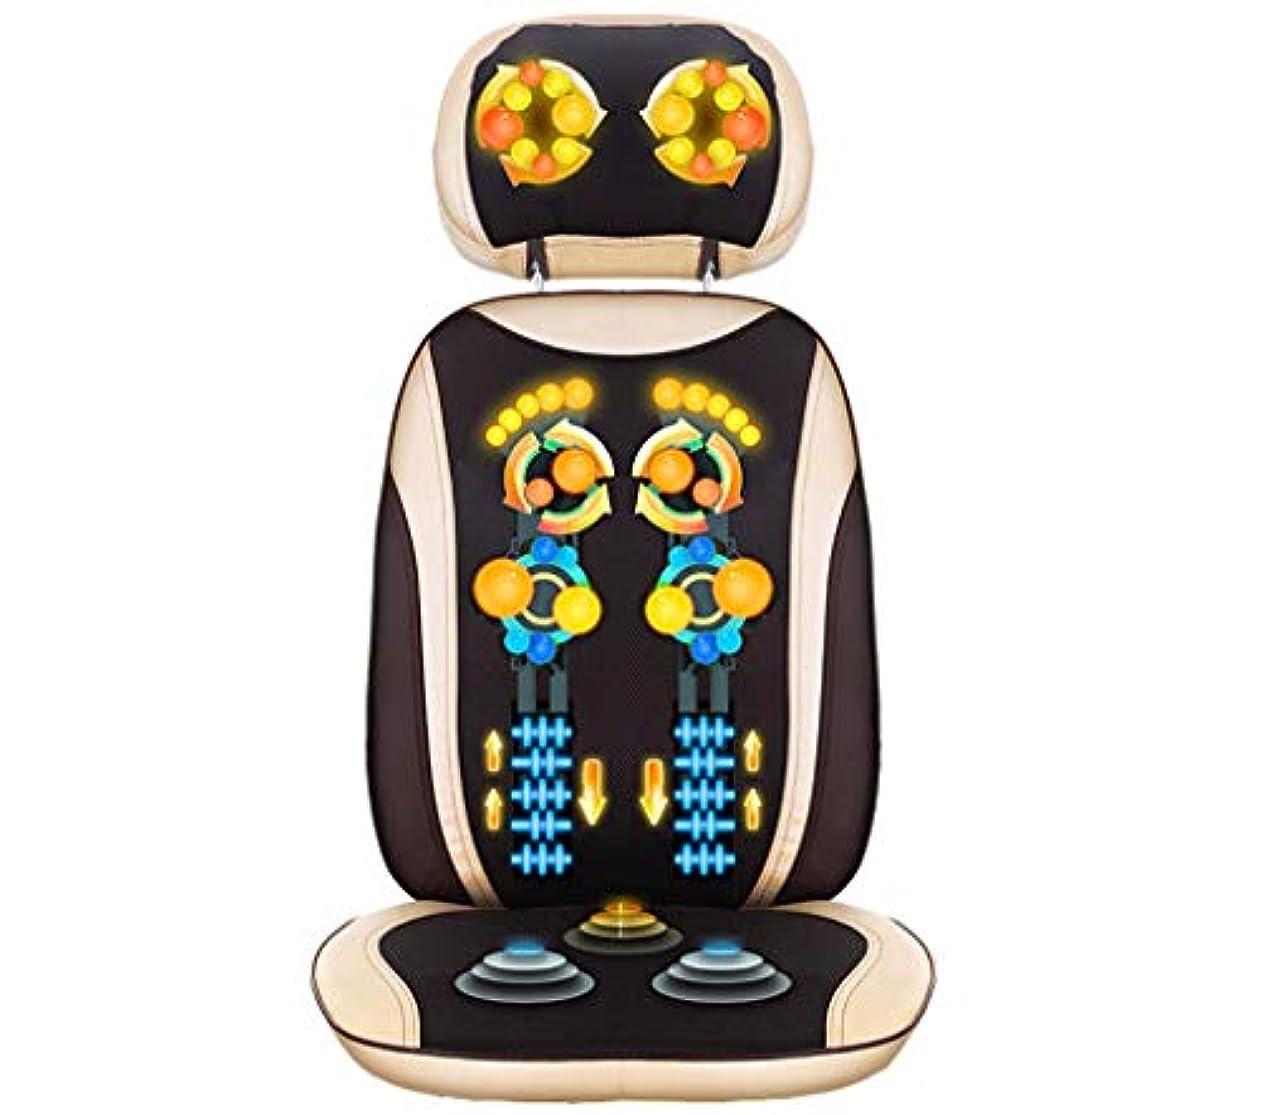 製品ロック解除永続マッサージチェアシートクッション、可変速度スイッチ、過熱保護、ホームシートクッションマッサージマット(40 * 41 * 73.5cm、ゴールド)